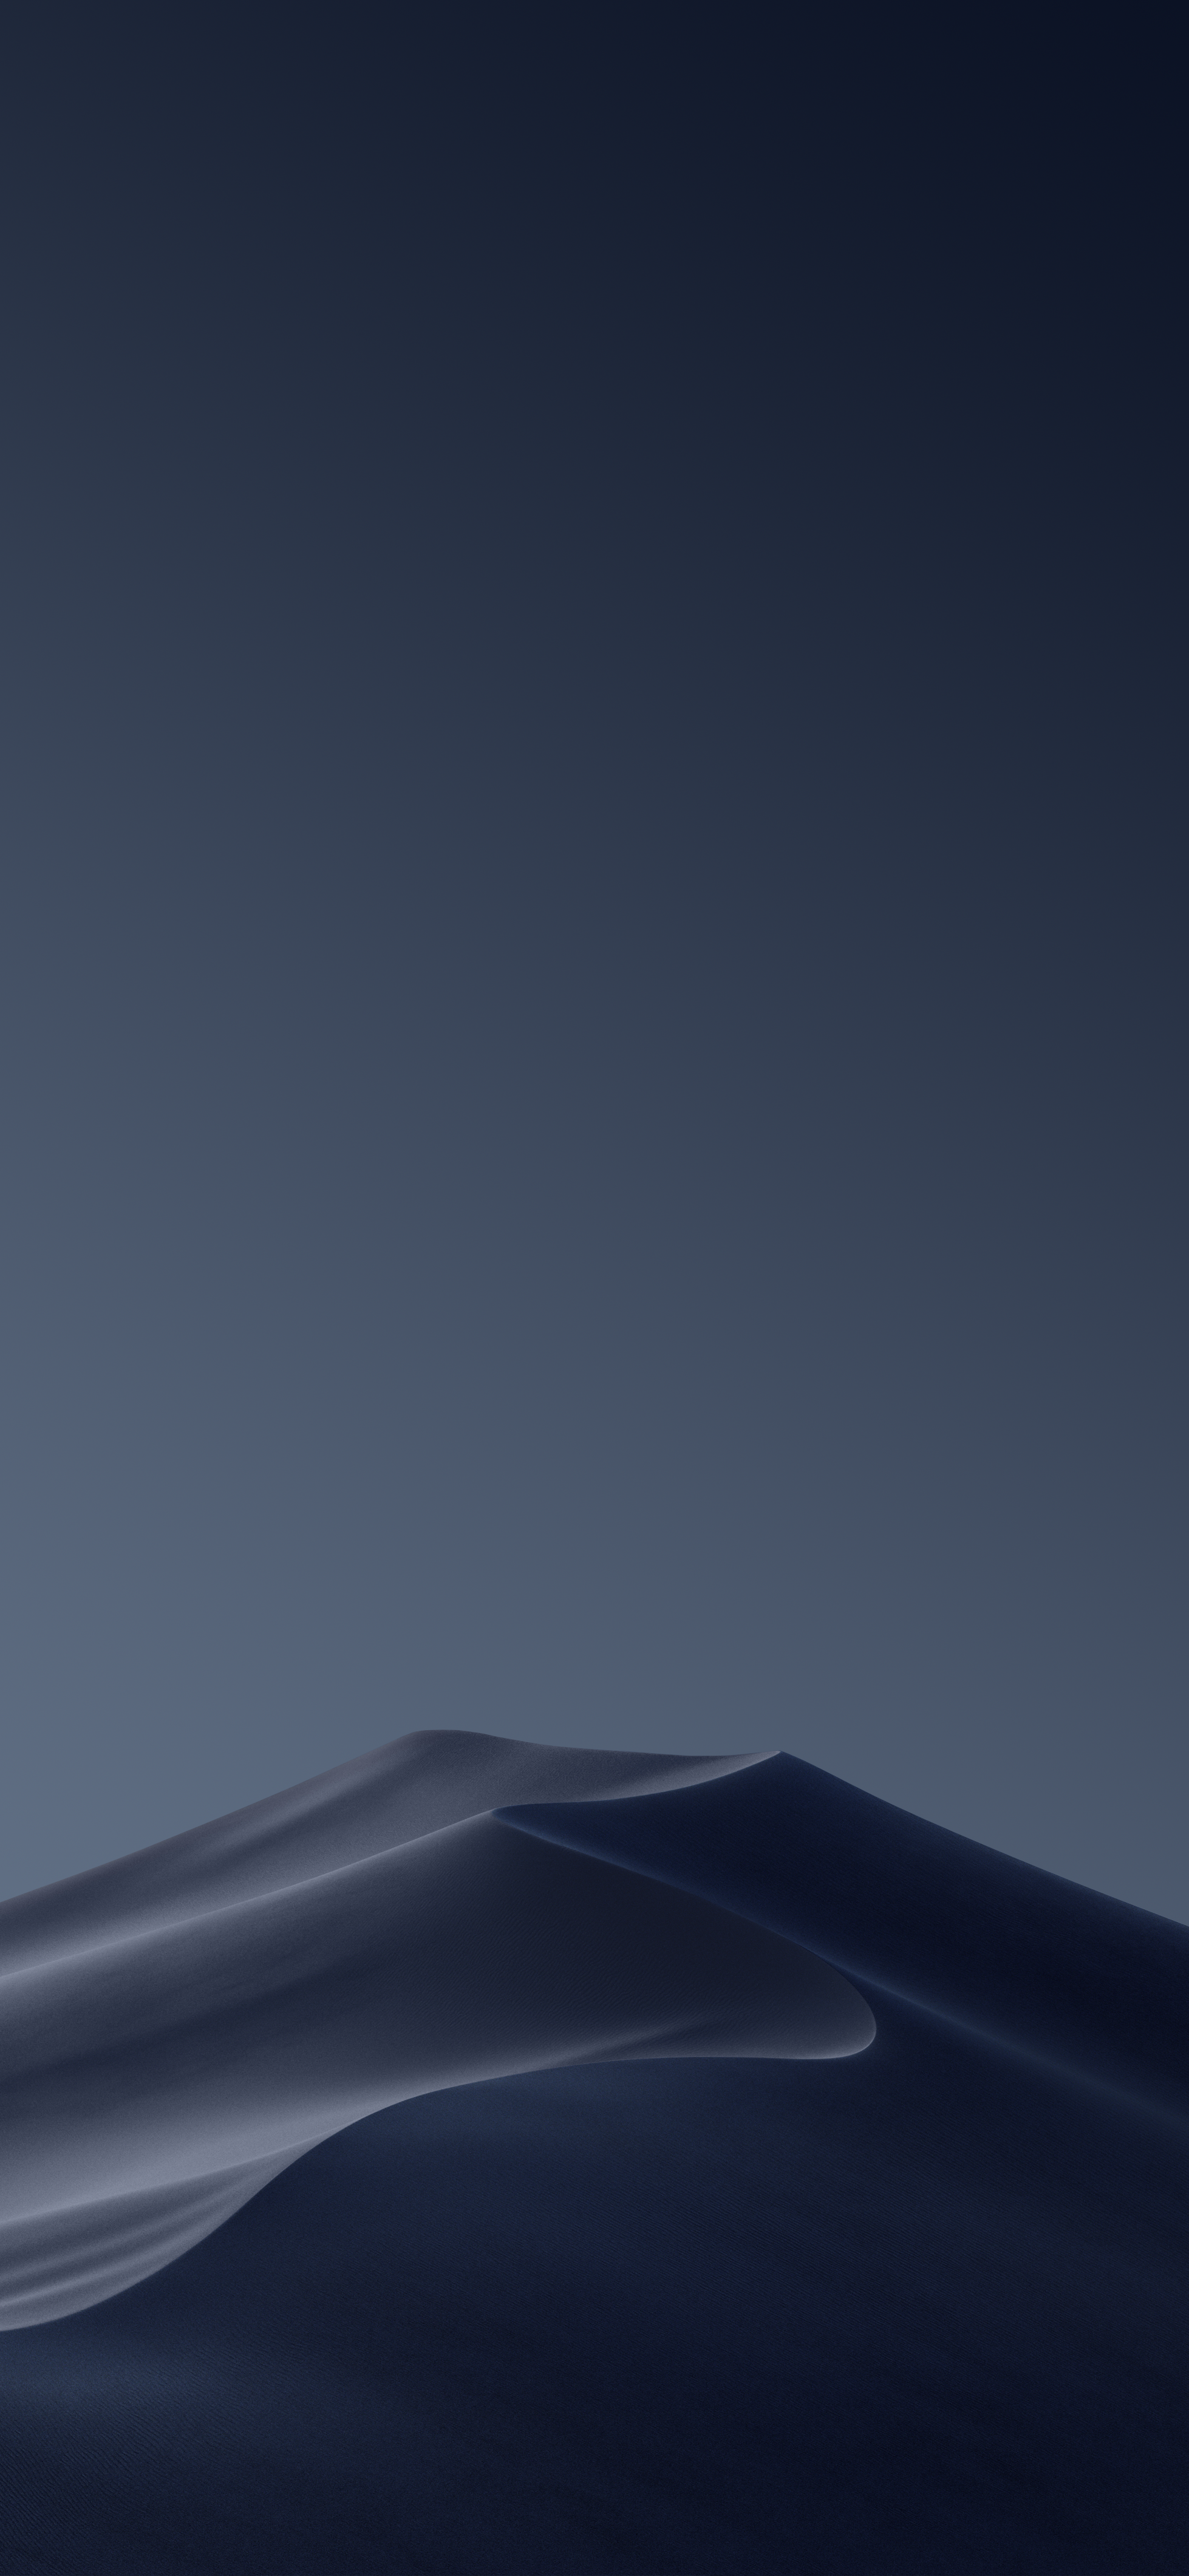 dunkle Tapeten ios 21   Mac Wallpaper für das iPhone   21x21 ...